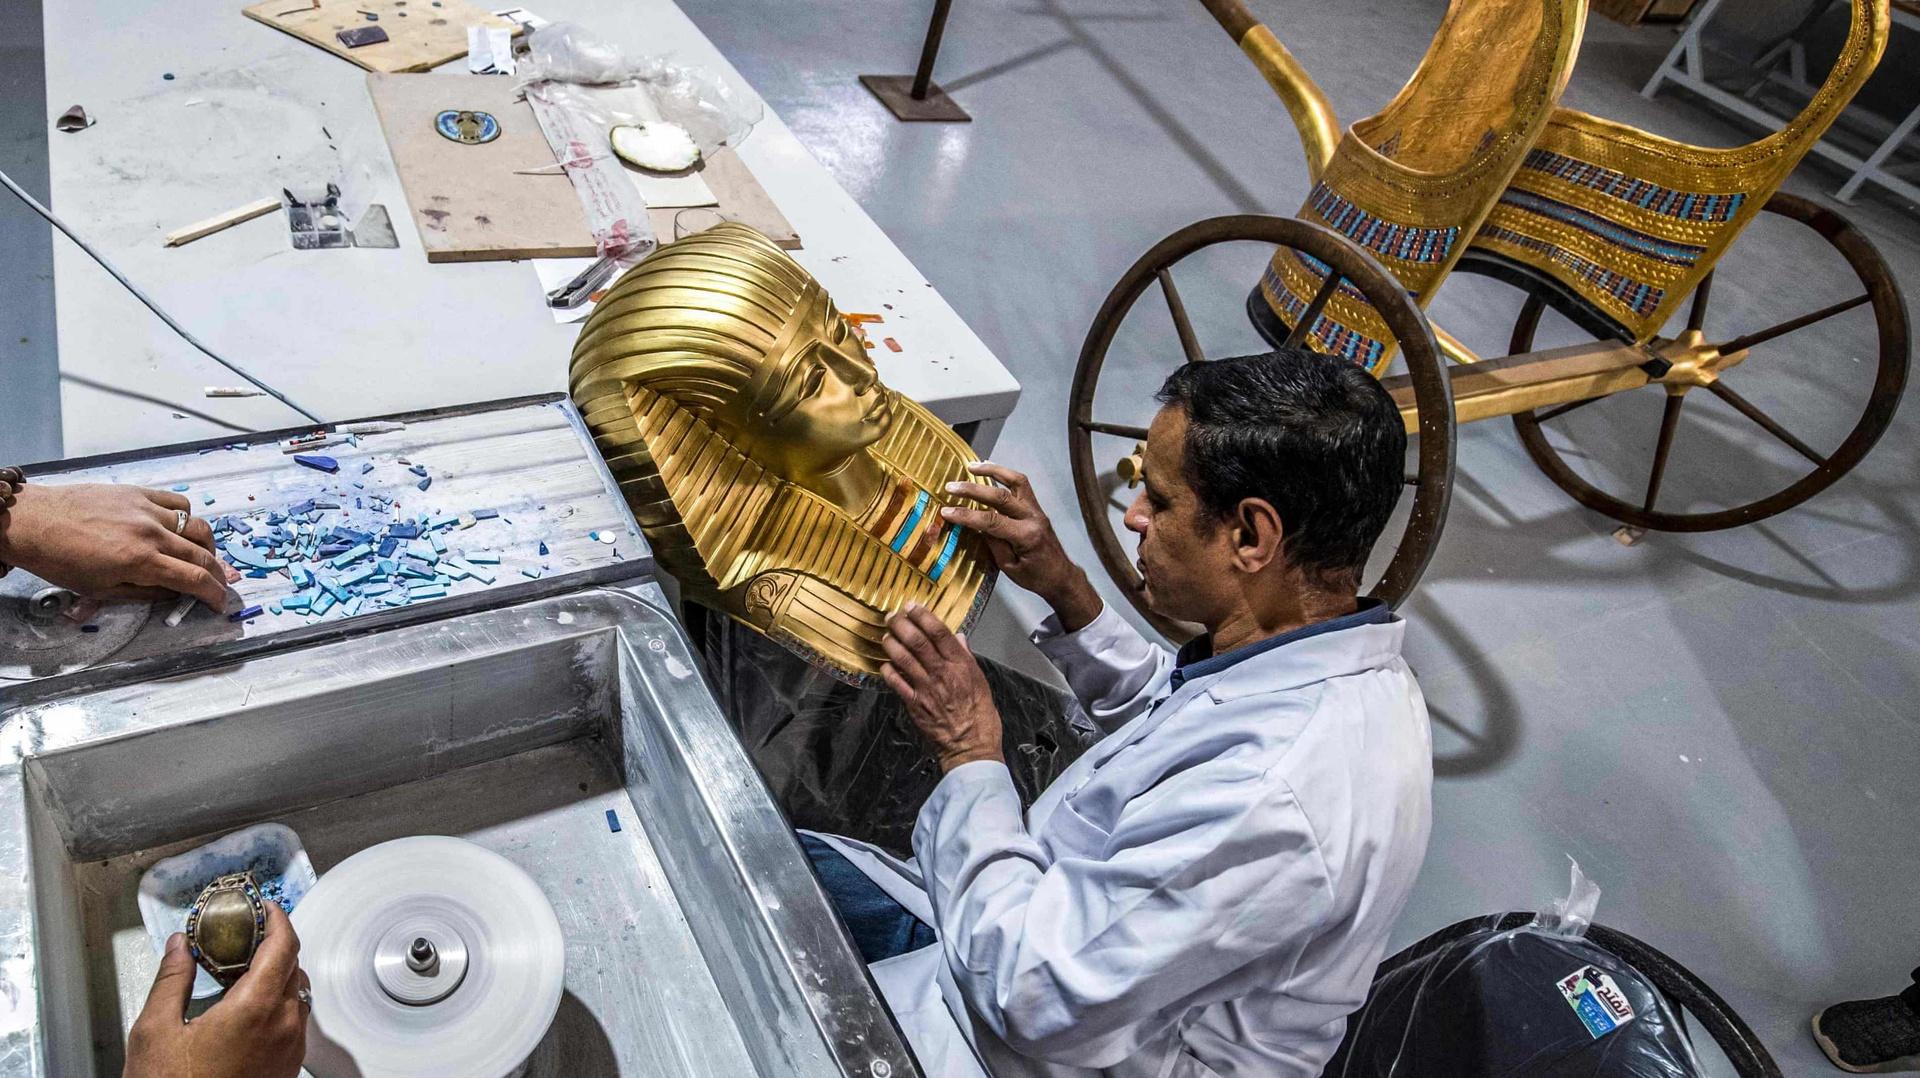 """Nhà máy Konouz (có nghĩa là """"Kho báu"""" trong tiếng Ả Rập) của chính phủ Ai Cập nằm ở Obour, phía đông thủ đô Cairo. Khuôn viên nhà máy có diện tích rộng 10.000 m2. Tại đây, các nghệ nhân tập trung sản xuất hàng nghìn bản sao cổ vật từ nhiều loại nguyên liệu, có thể kể đến như thạch cao, gỗ, đá, gốm, vàng..."""